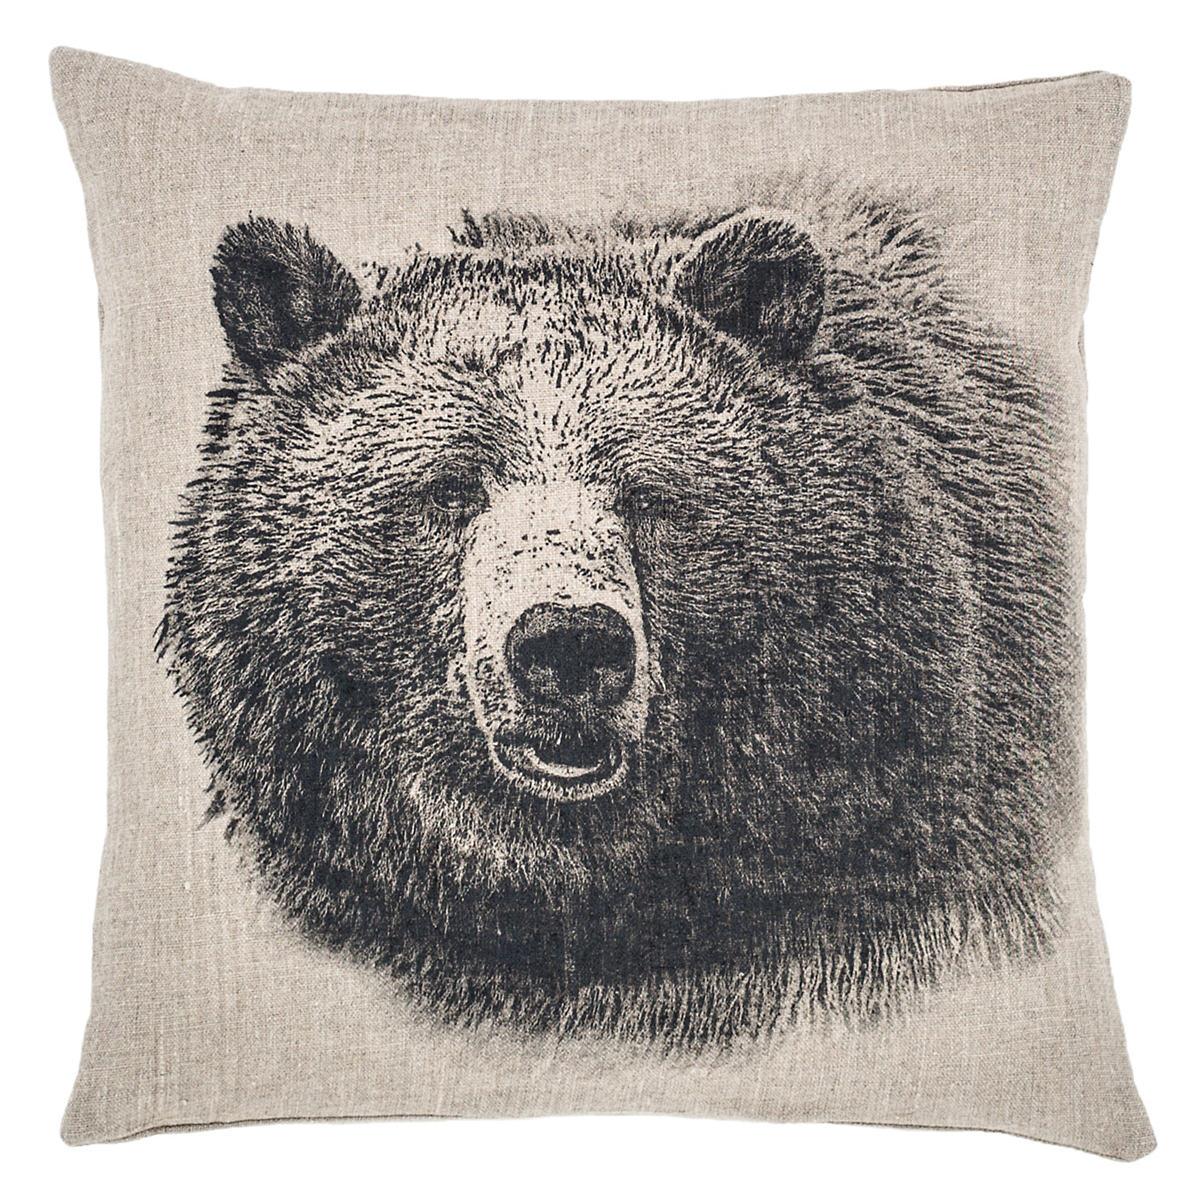 Bear Decorative Pillow